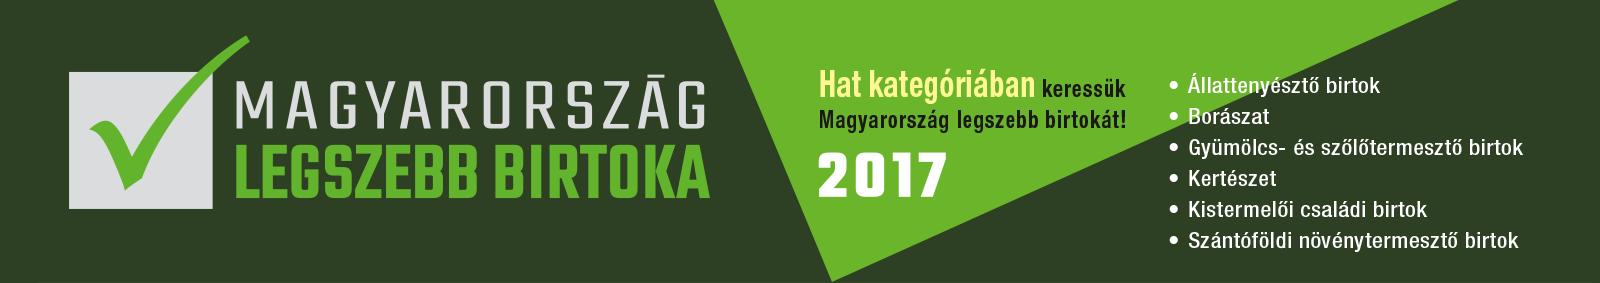 Magyarország legszebb birtokai